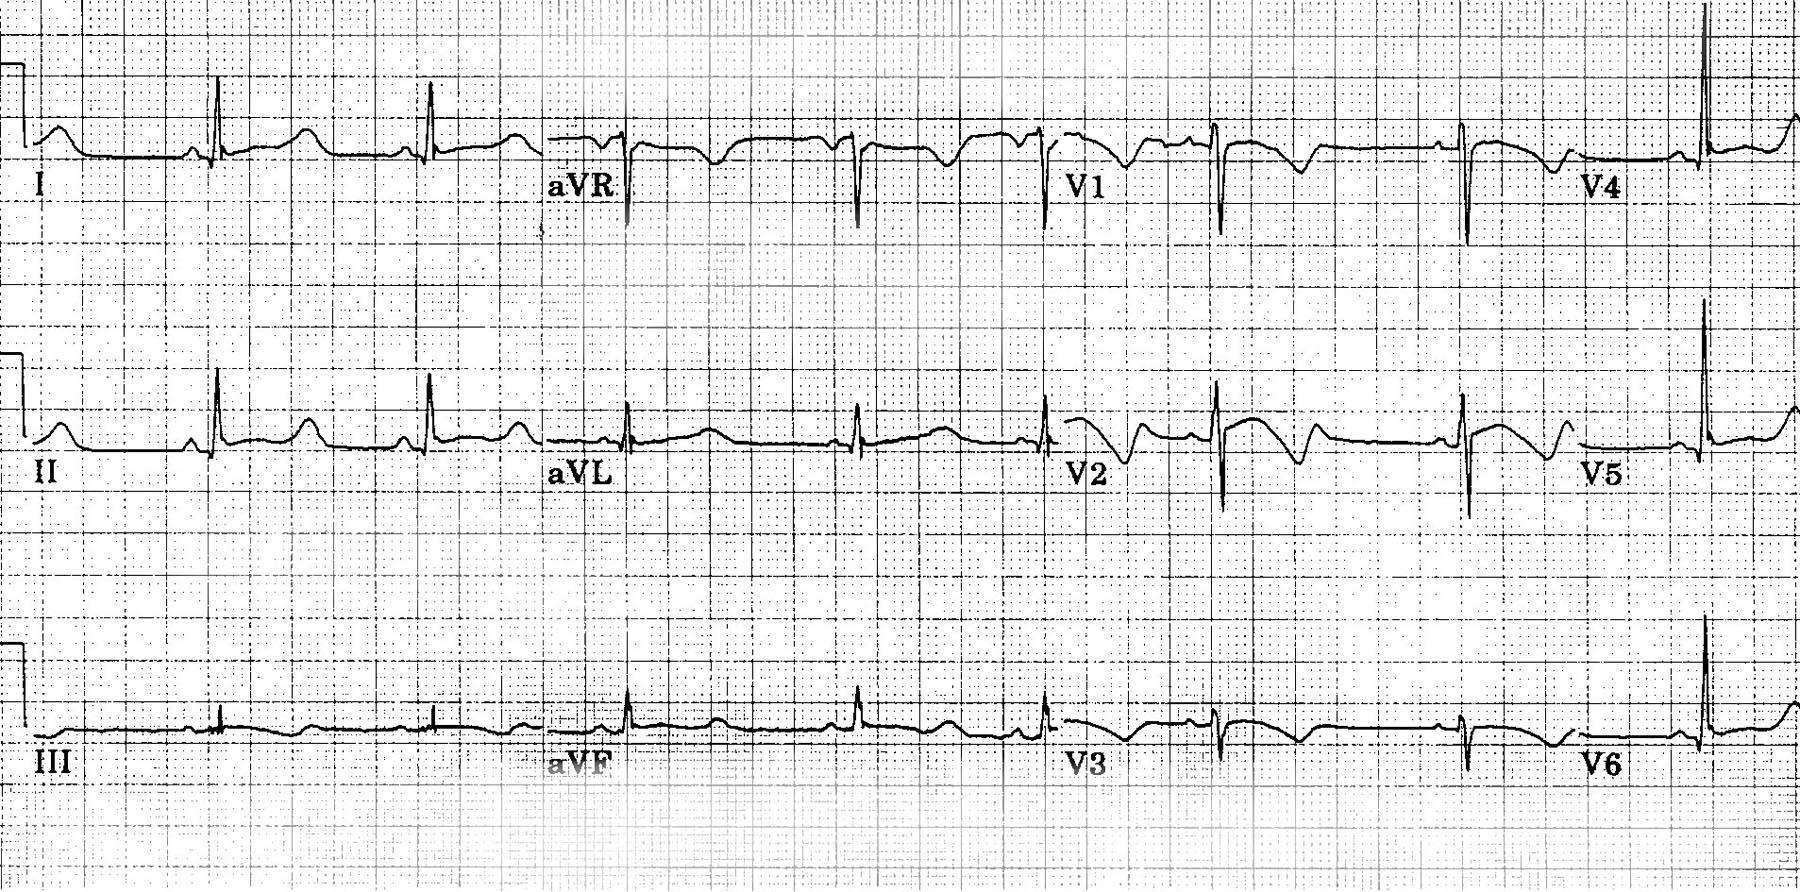 Отмечено продление интервала QT у 15-летнего подростка с синдромом удлиненного QT (R-R = 1,00 с, интервал QT = 0,56 с, интервал QT, скорректированный на частоту сердечных сокращений [QTc] = 0,56 с). Аномальная морфология реполяризации может наблюдаться почти во всех отведениях (т. е. в пиках T-волн, пологого сегмента ST). Брадикардия является общей особенностью у пациентов с данным синдромом.